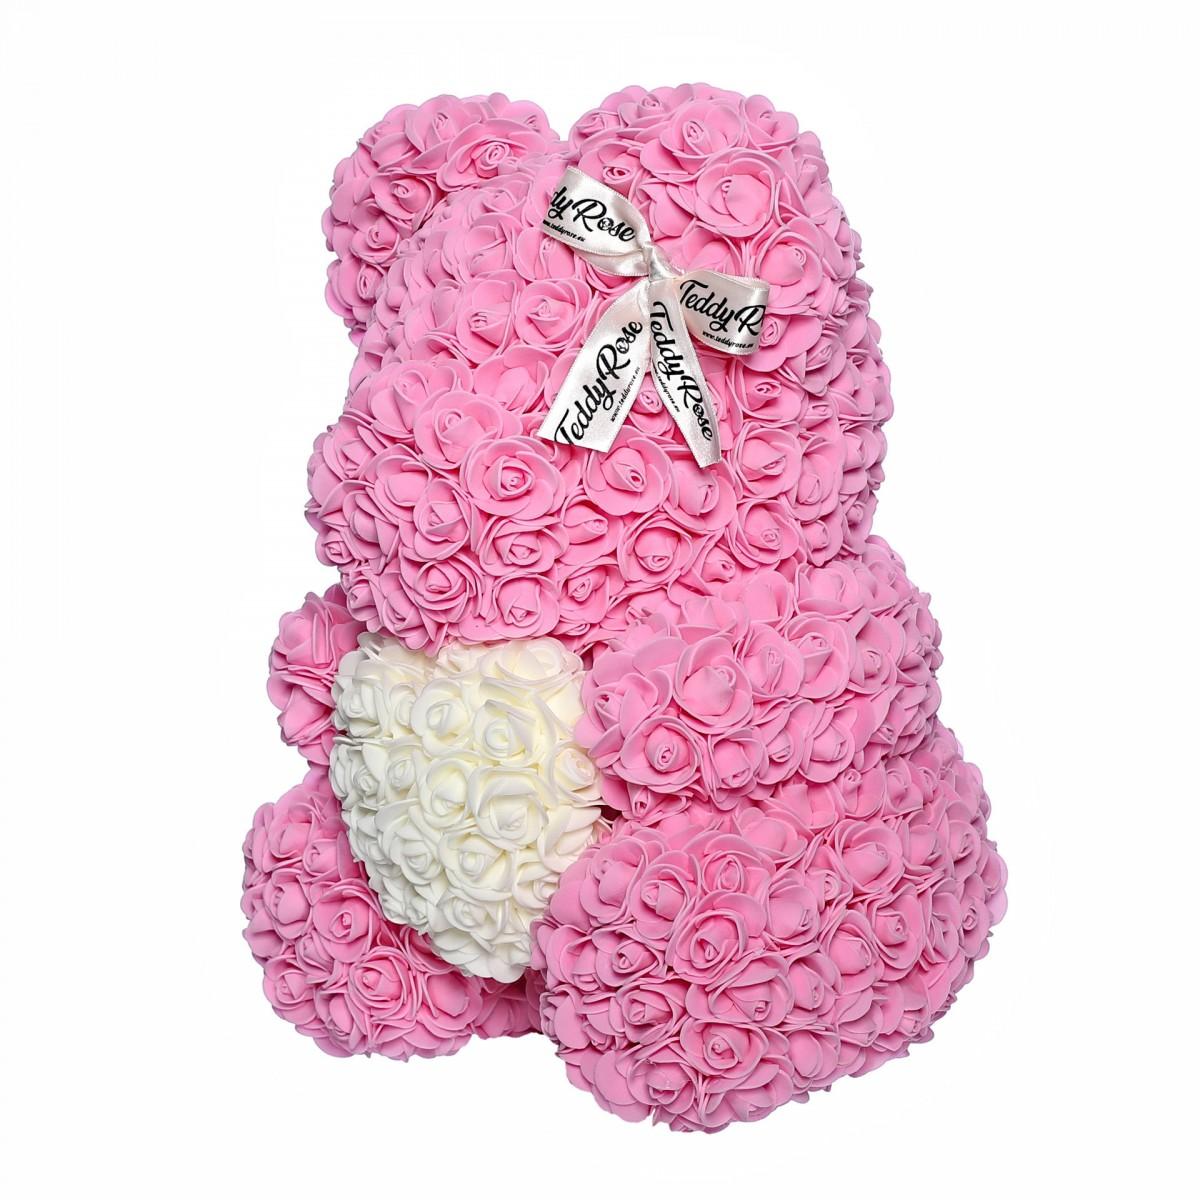 Teddy Rose със сърце (Бонбон розово) мече от рози